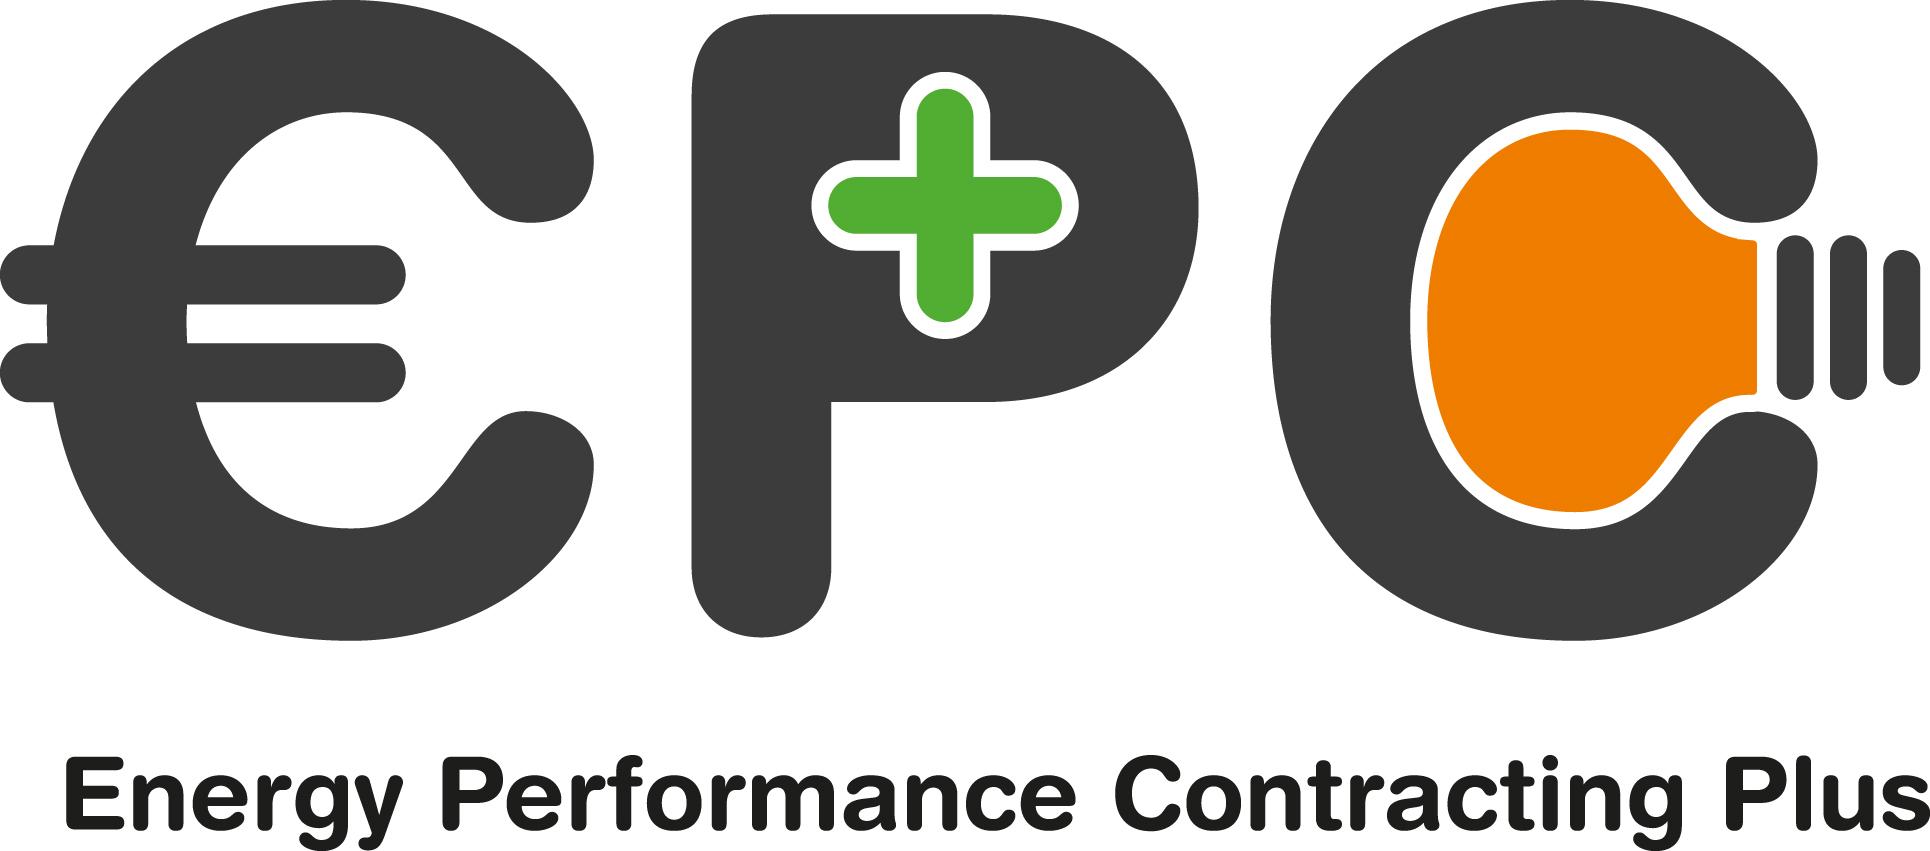 Έργο EPC+: Ενεργειακή καινοτομία από μικρομεσαίες επιχειρήσεις